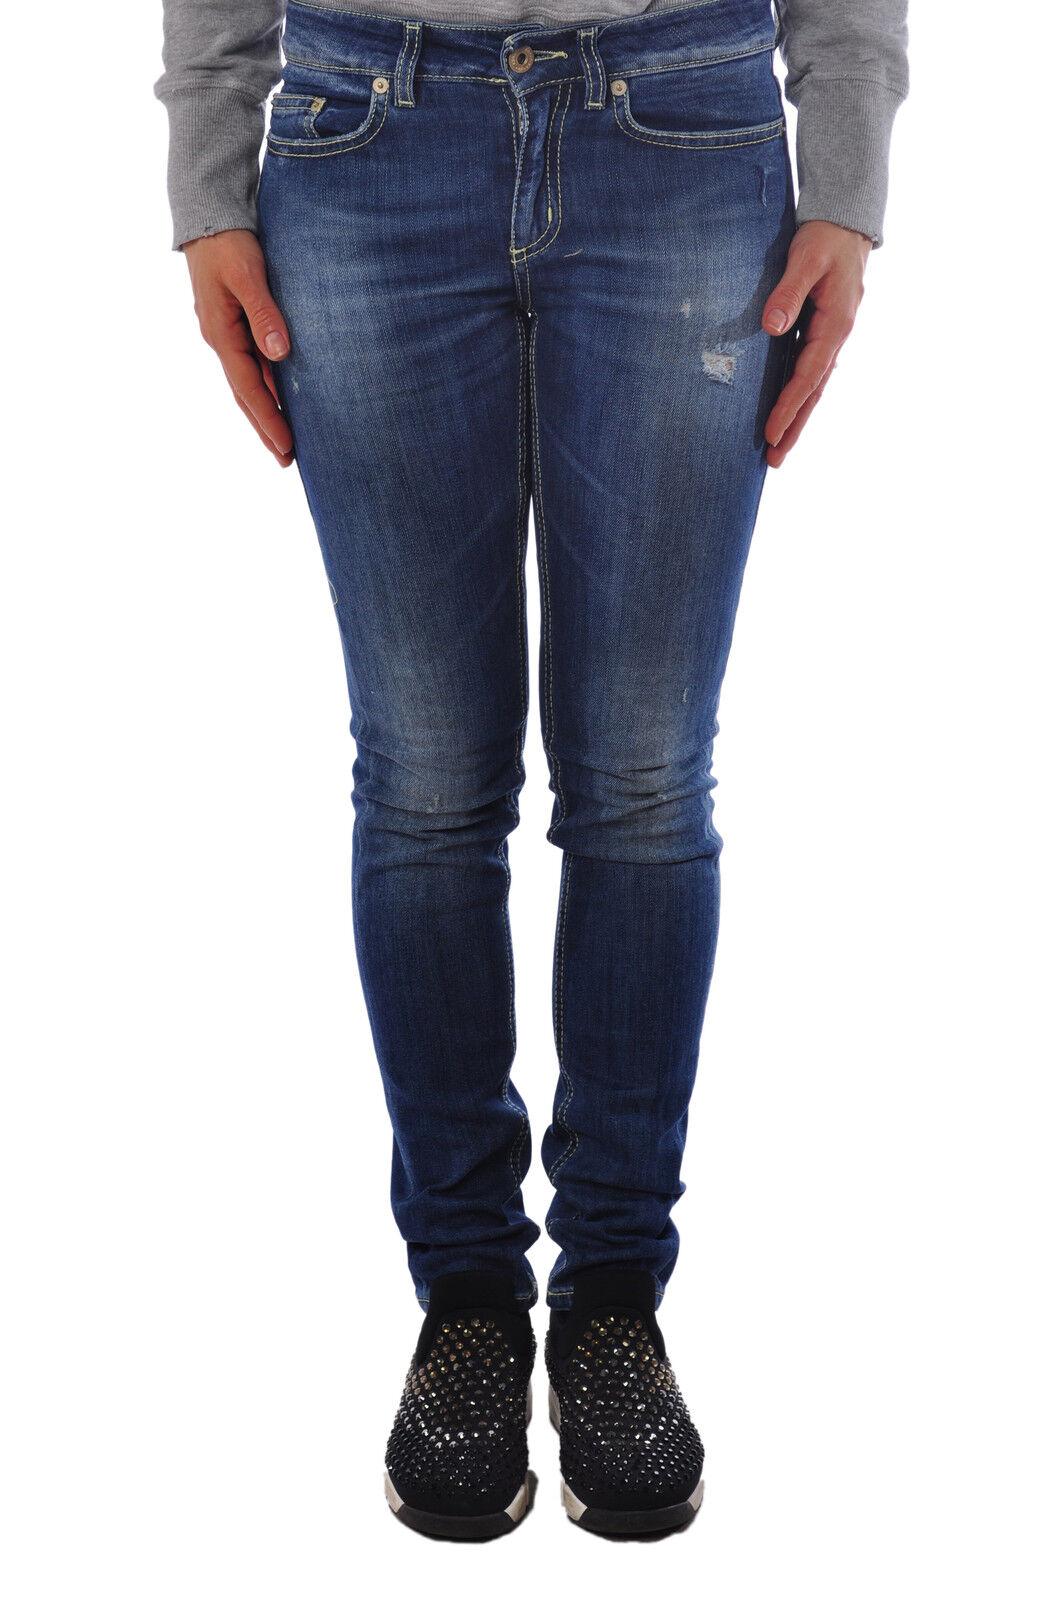 Dondup  -  Pants - Female - 28 - Denim - 1317502B162241